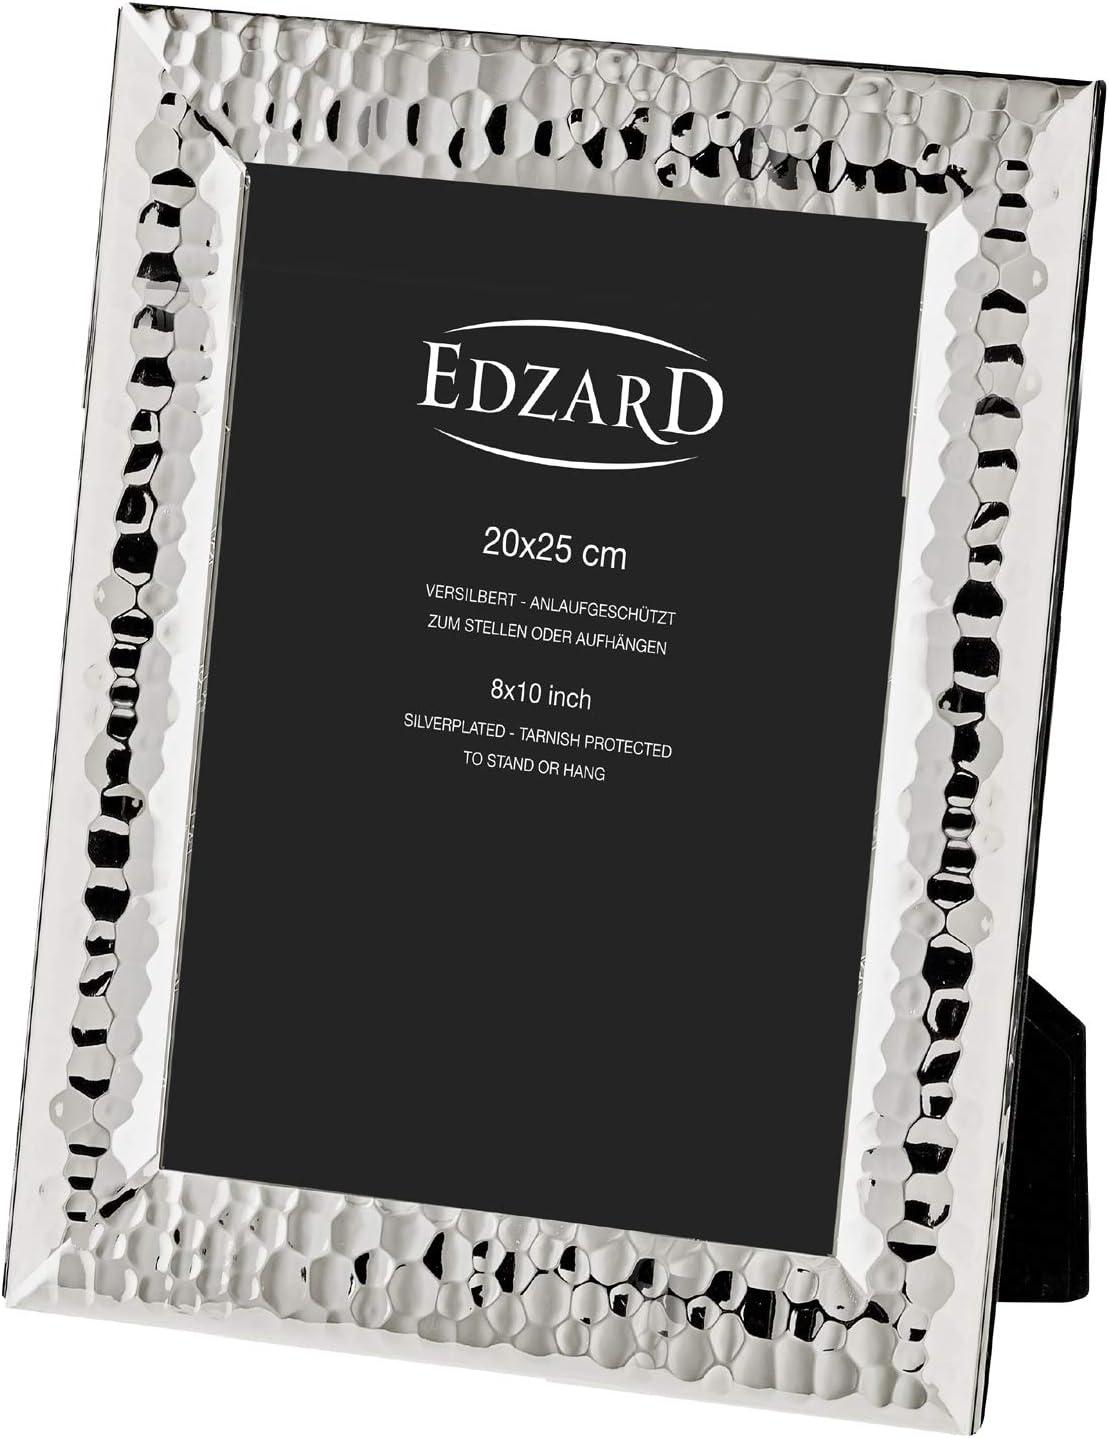 Edzard Marco Gubbio, Plateado, Protegido contra el deslustre, para Foto 20 x 25 cm